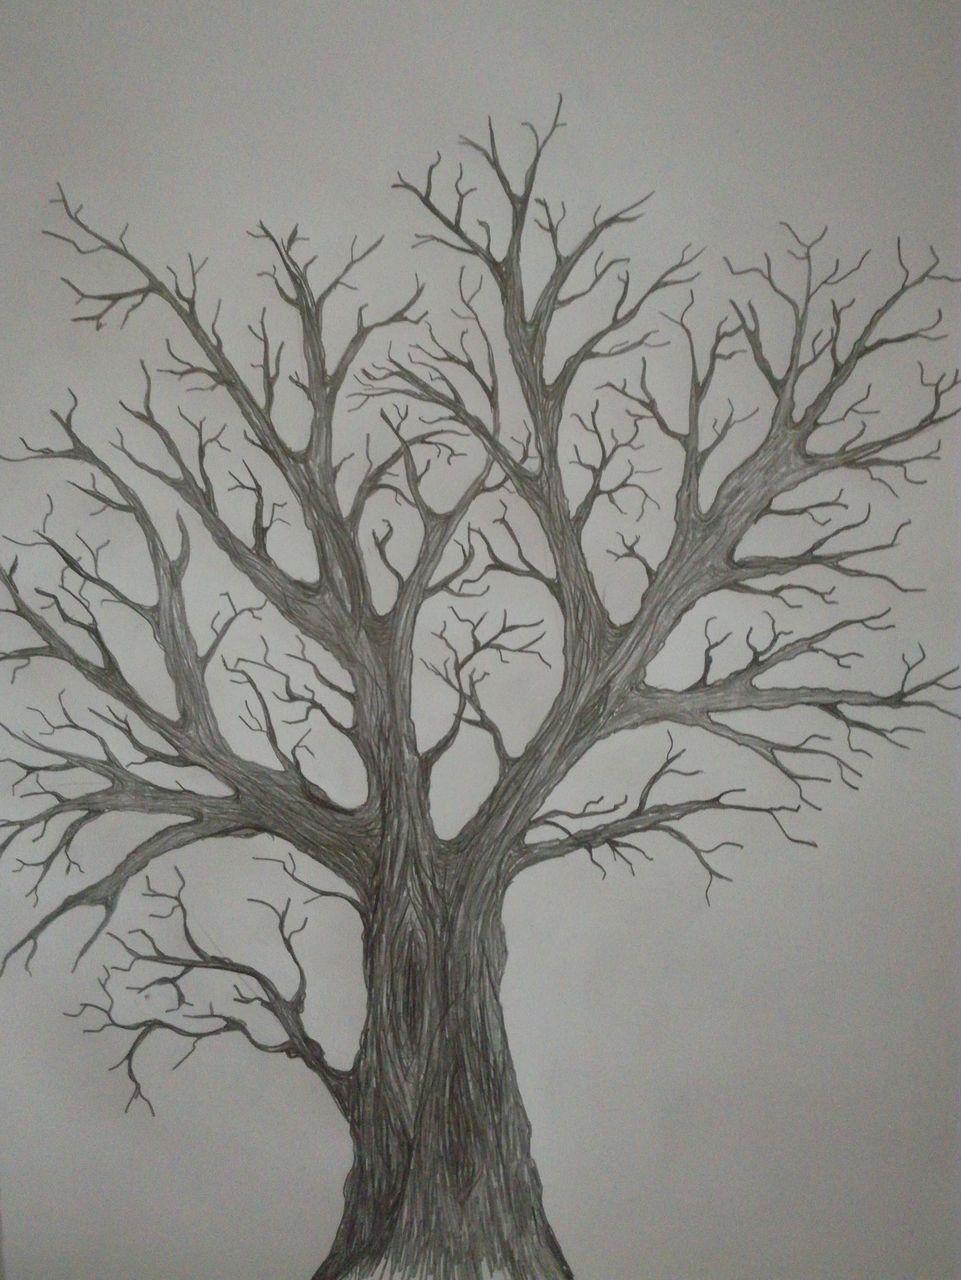 Einsamer Baum Nach Herbst Einsamkeit Winter Ende Baum Von